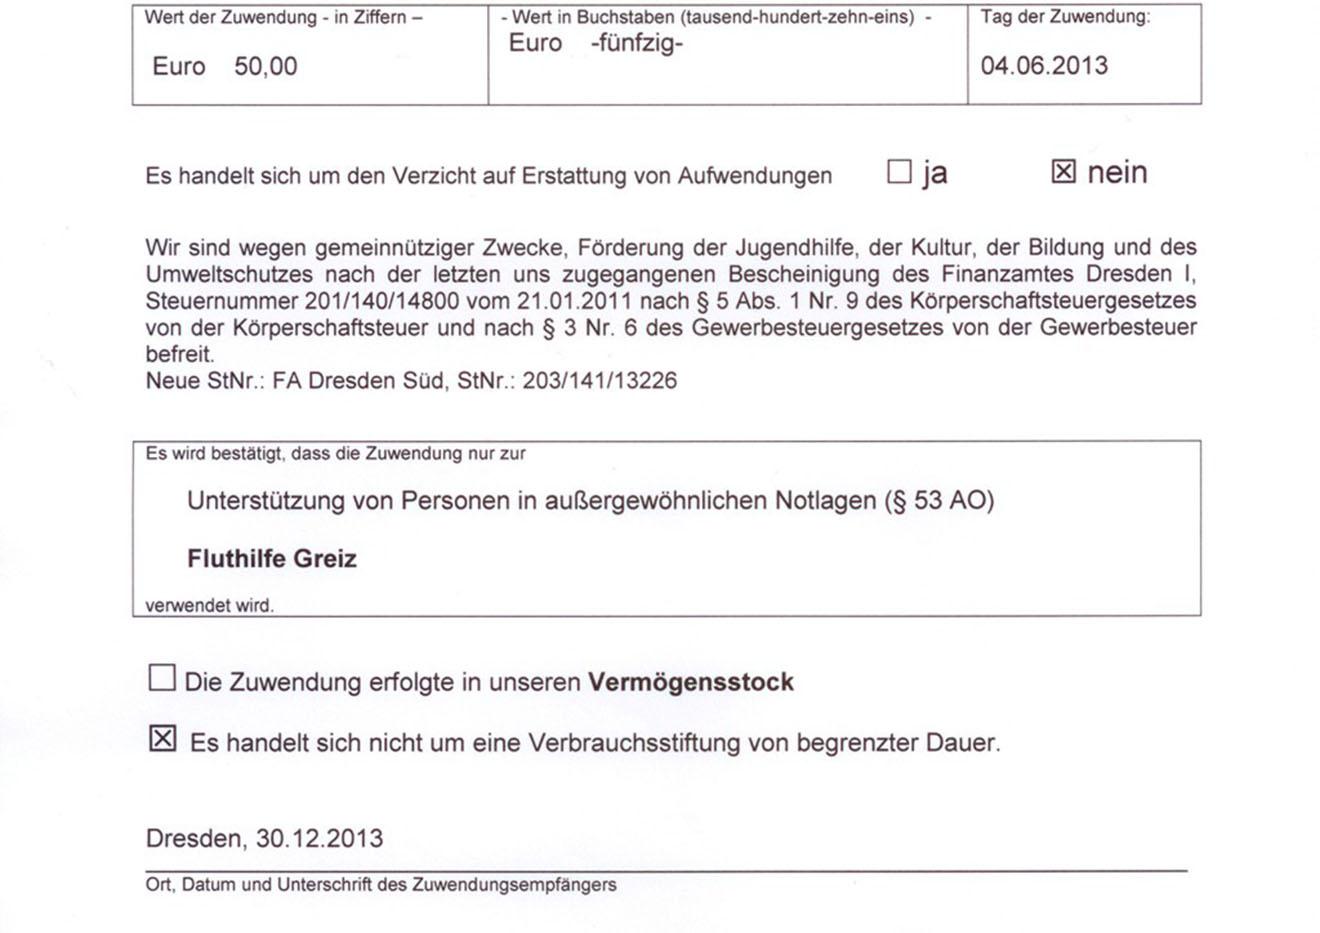 Spendenbescheinigung werden ausgestellt I Vogtlandspiegel